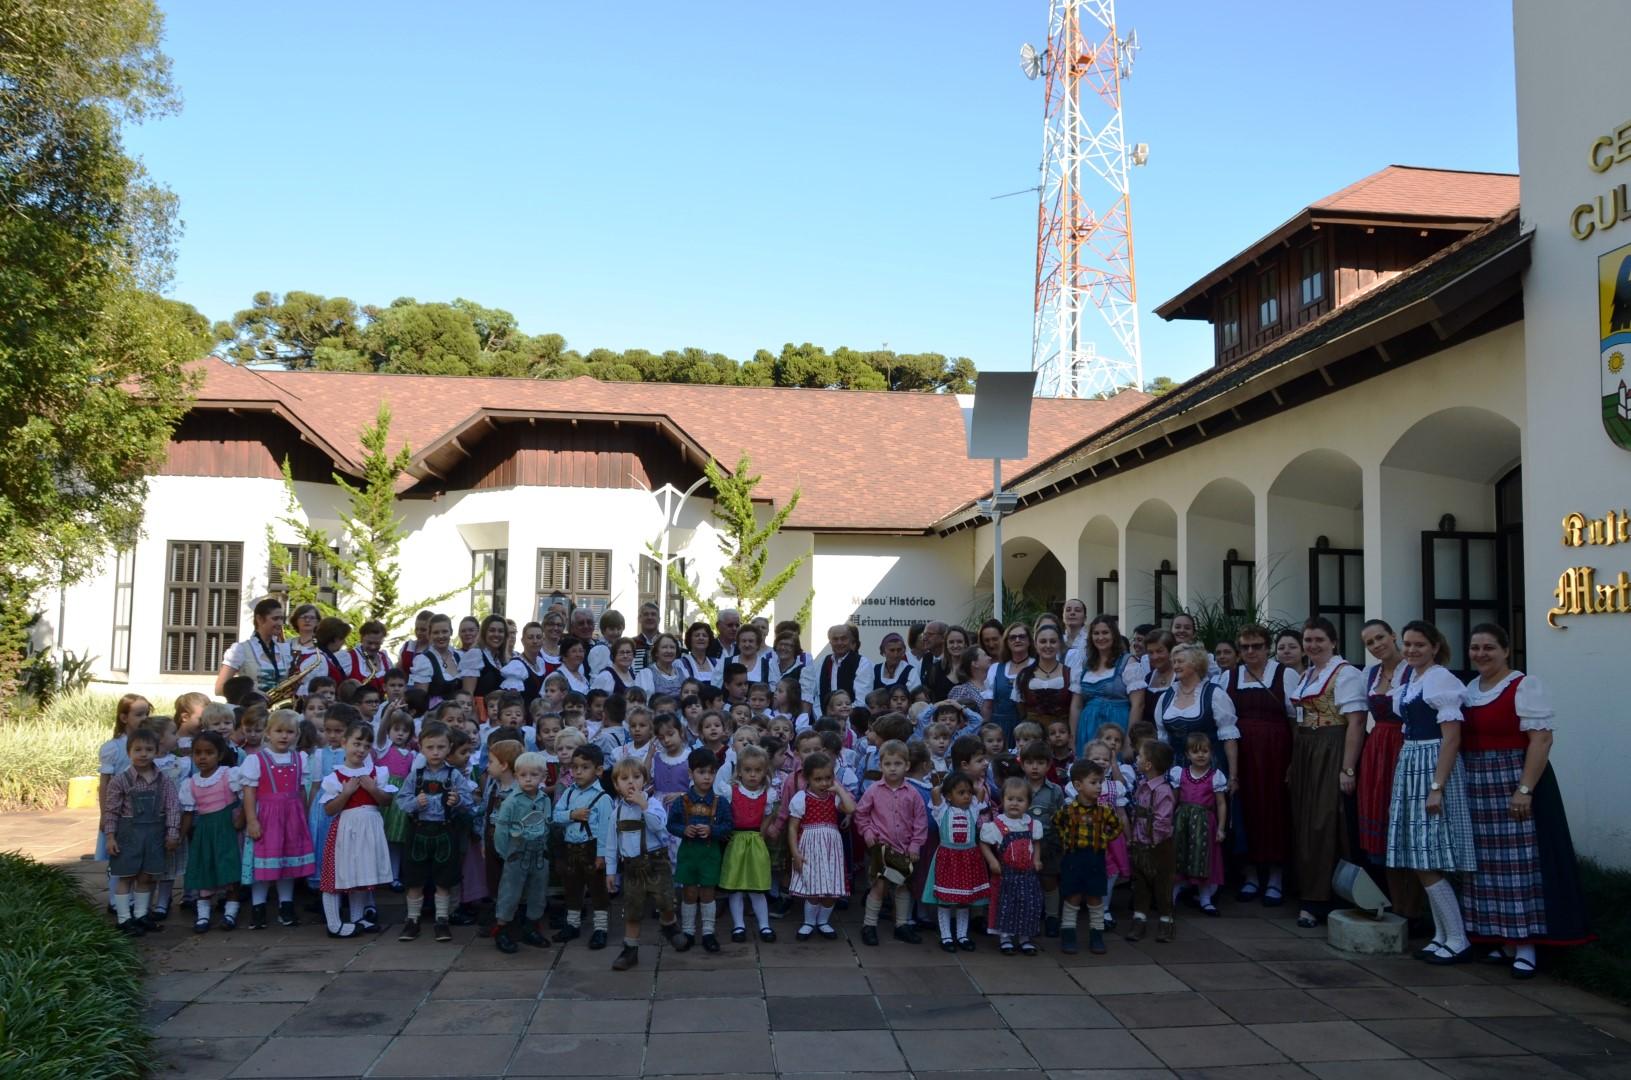 Festa da Terceira Idade - Semana de Língua Alemã - 12/04/2018Festa da Terceira Idade - Semana de Língua Alemã - 12/04/2018